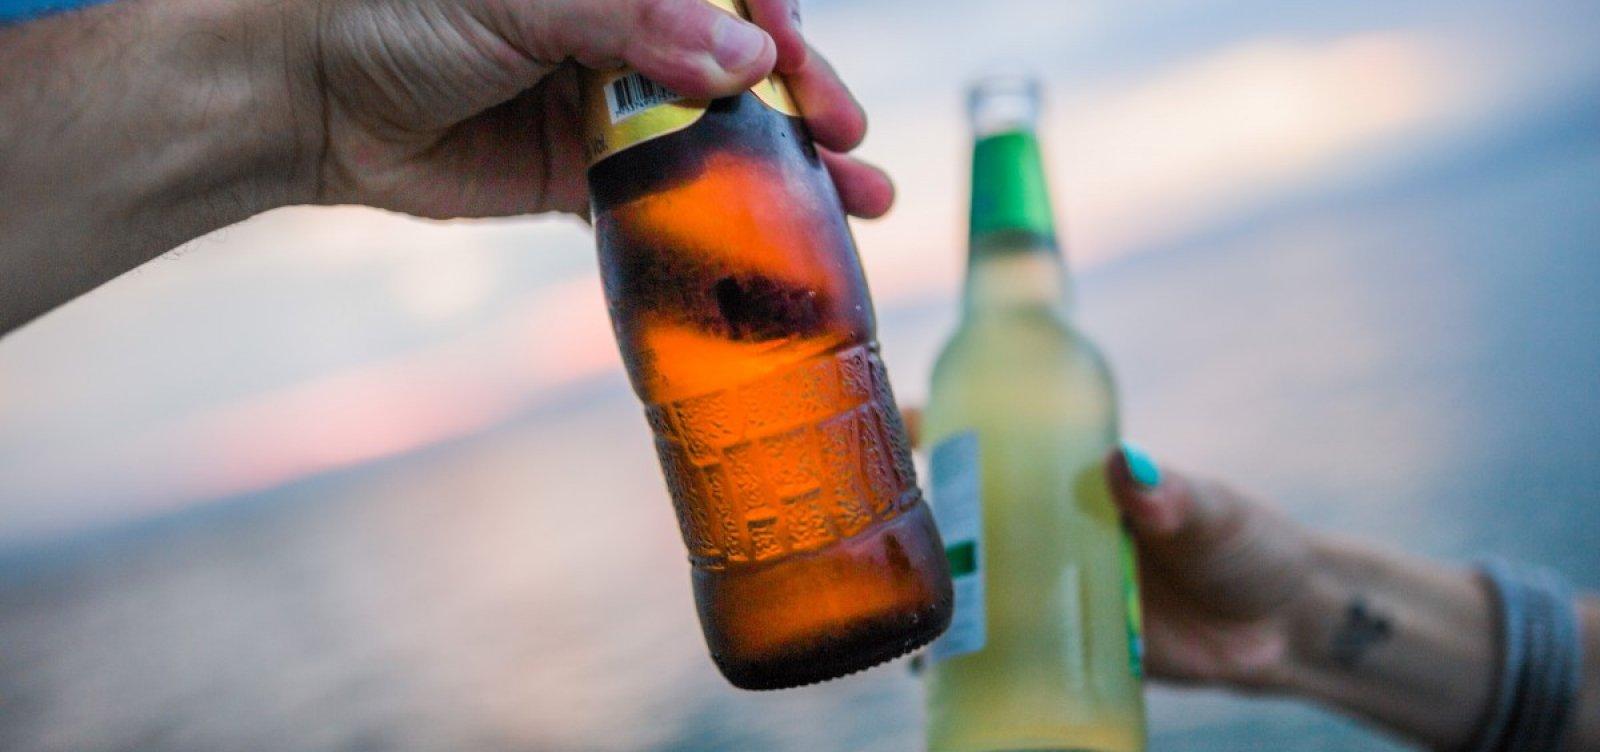 [Venda e consumo de garrafa long neck será proibido em Morro de São Paulo]